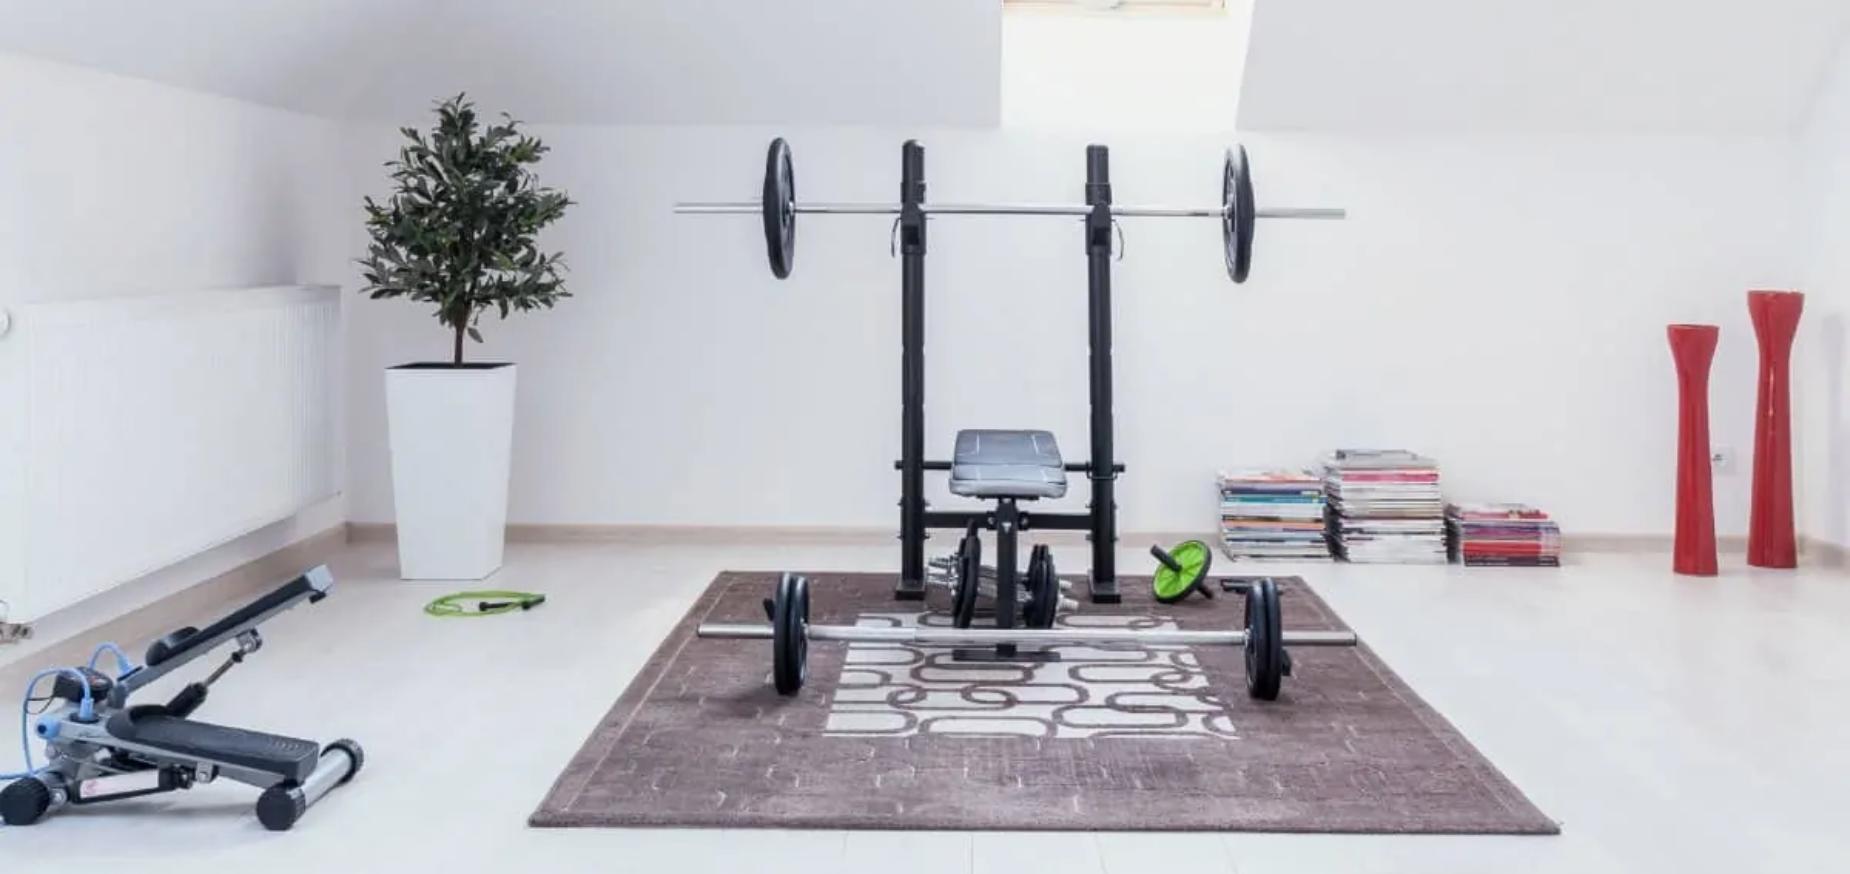 Home Gym Setup: Staying Active at Home